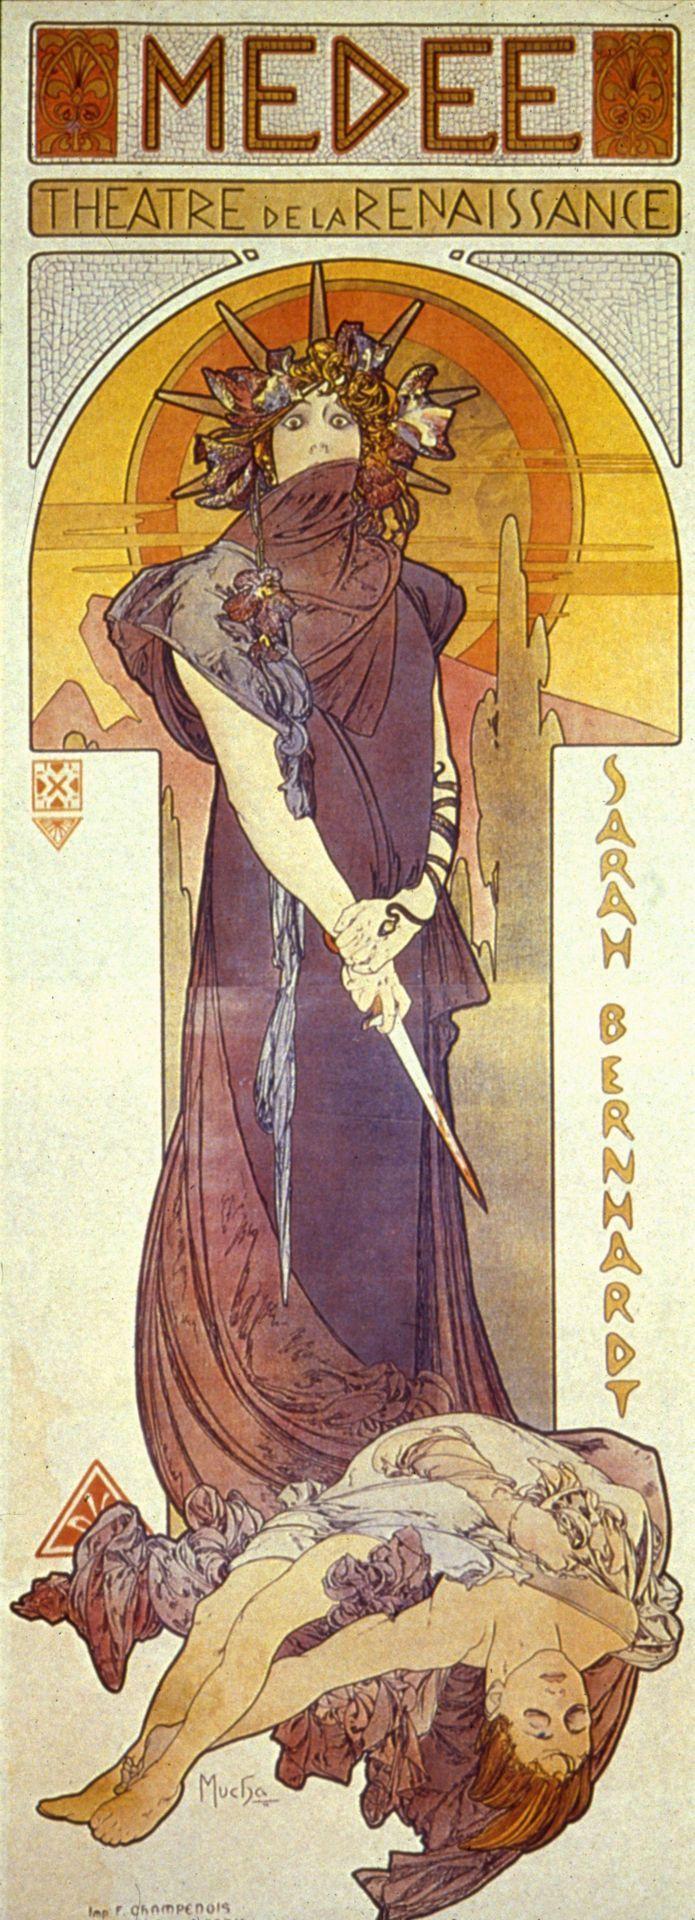 Poster for Medee (Medea) starring Sandra Bernhardt (1890) by Mucha